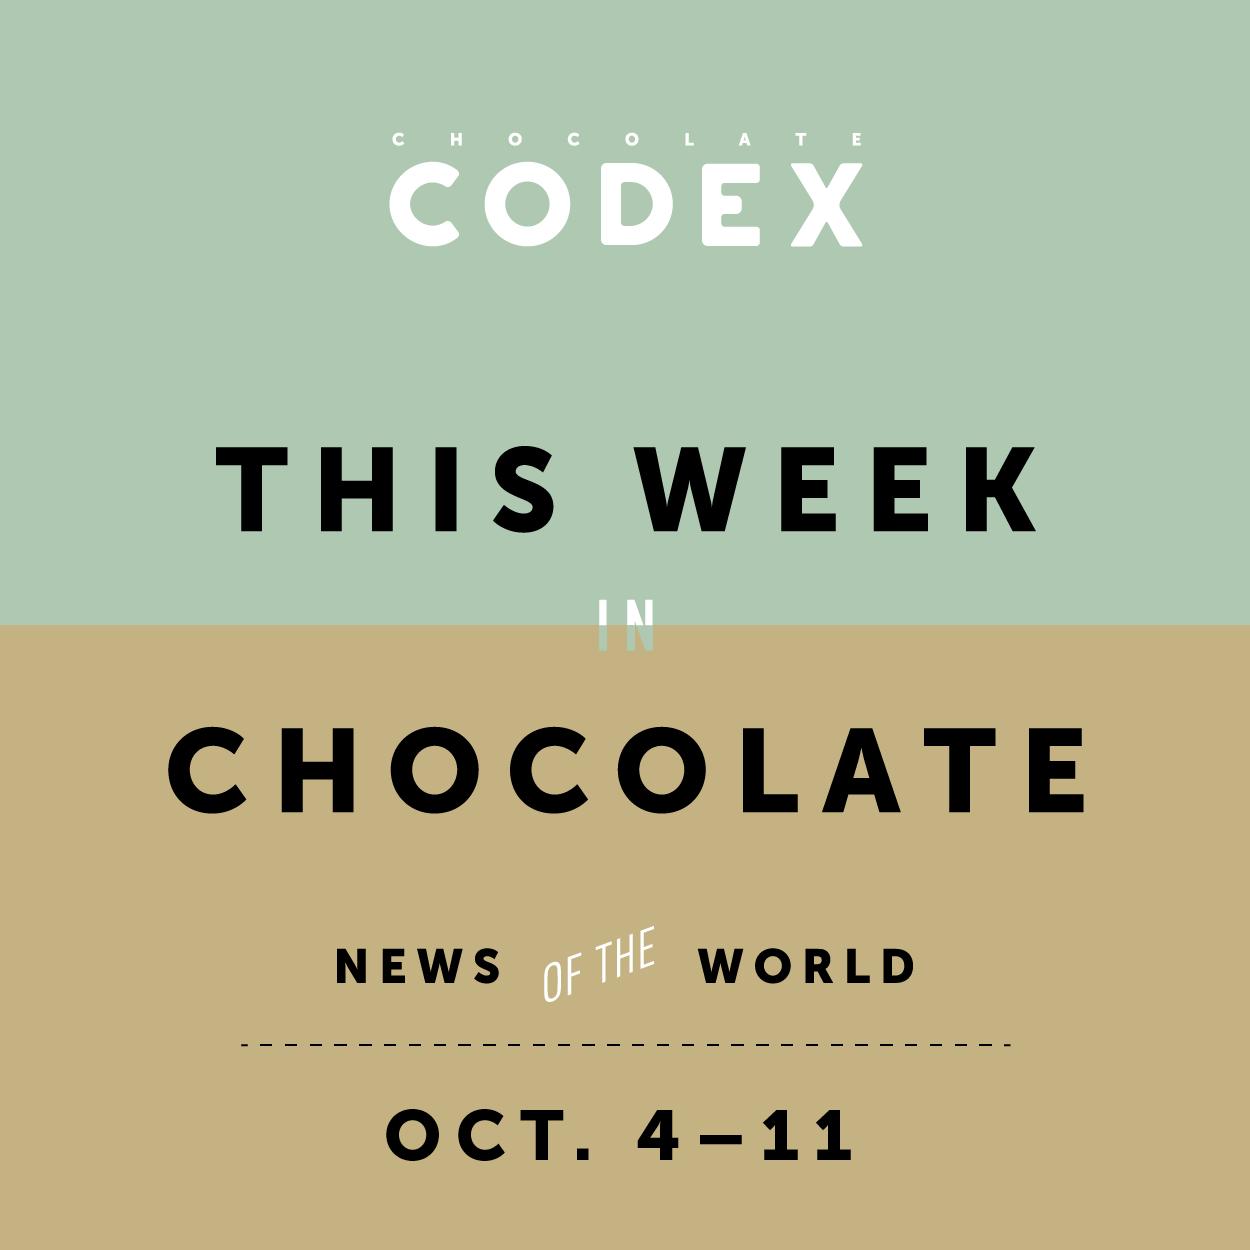 ChocolateCodex_ThisWeek_Chocolate_News_Week41